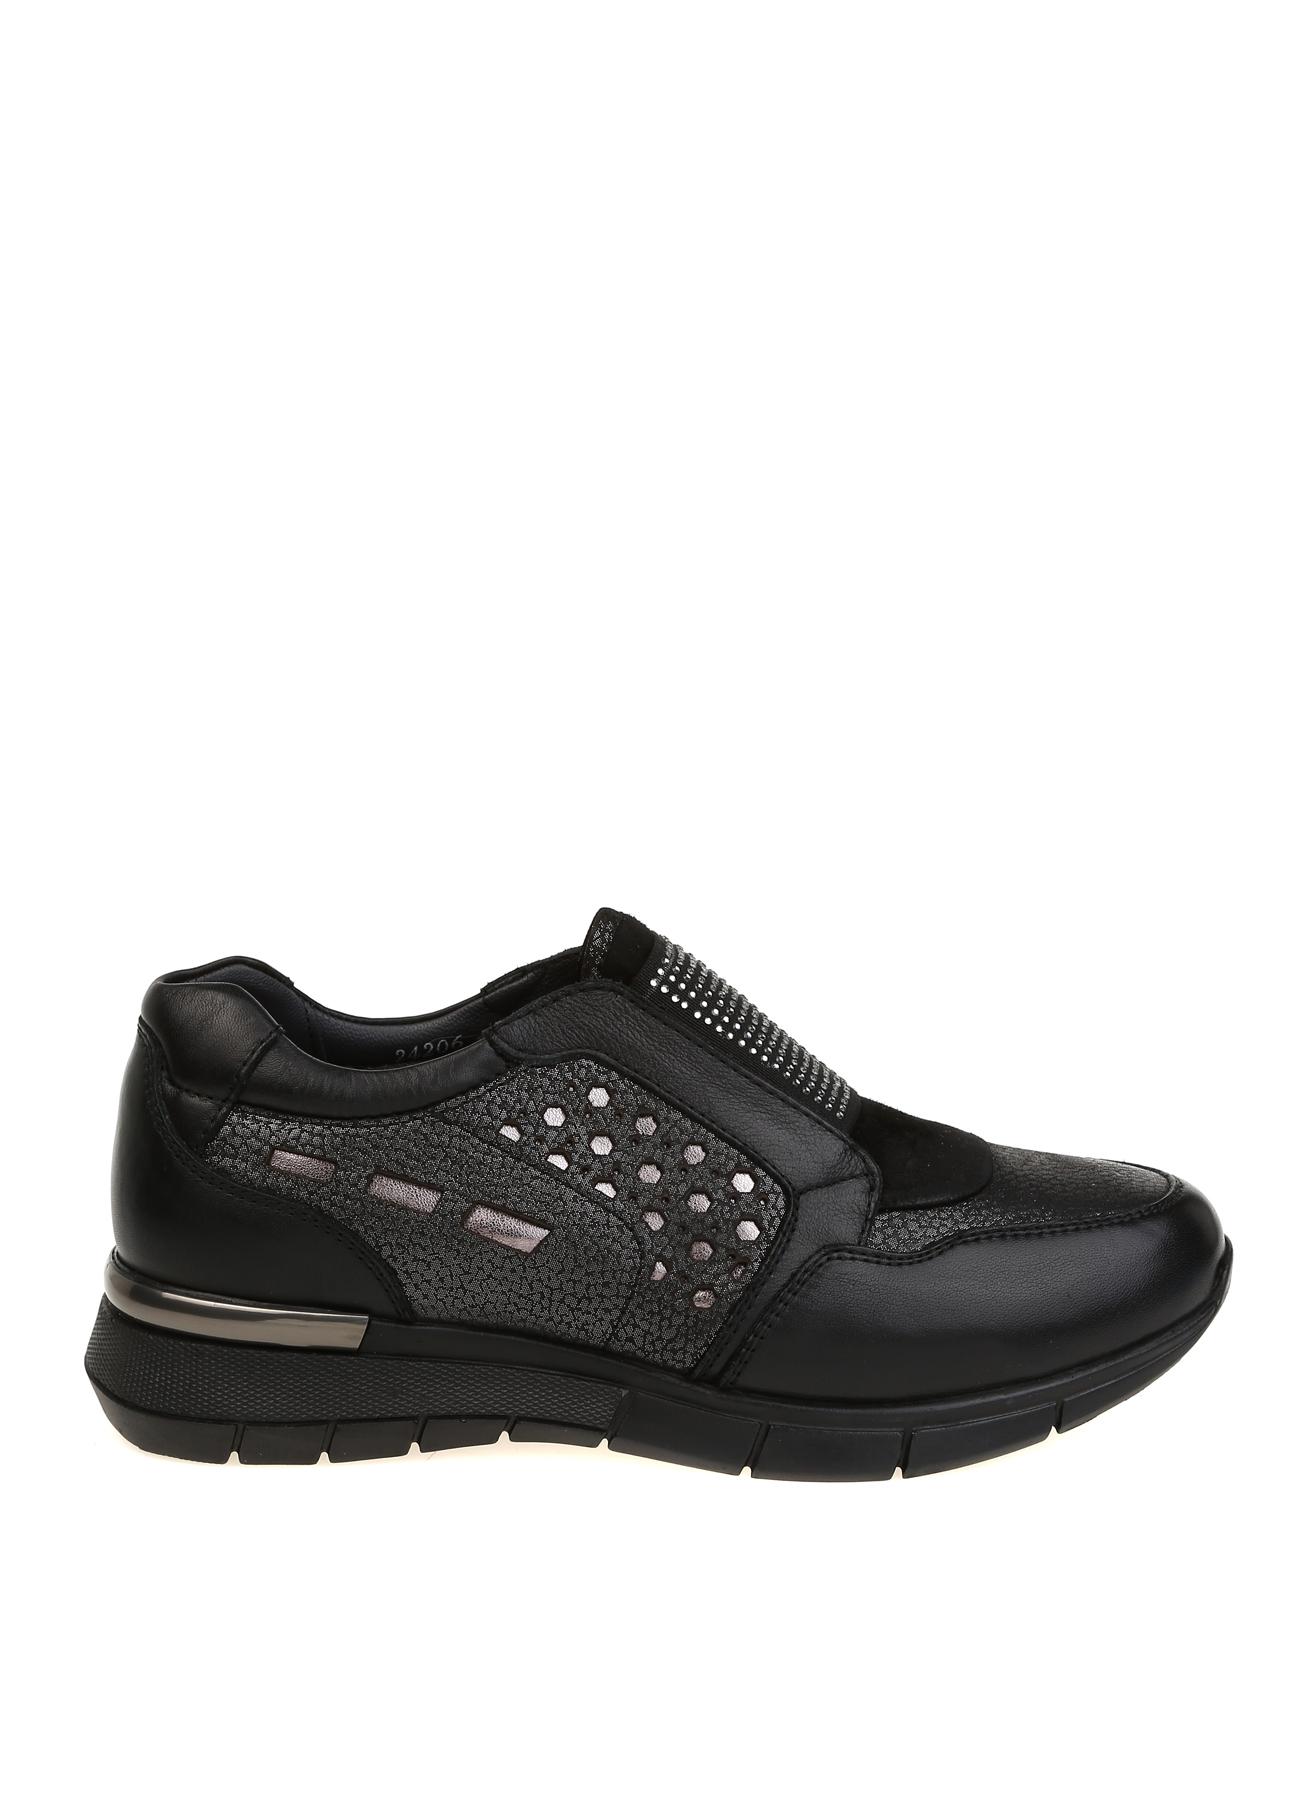 Forelli Taş İşlemeli Deri Siyah Düz Ayakkabı 39 5001921028004 Ürün Resmi